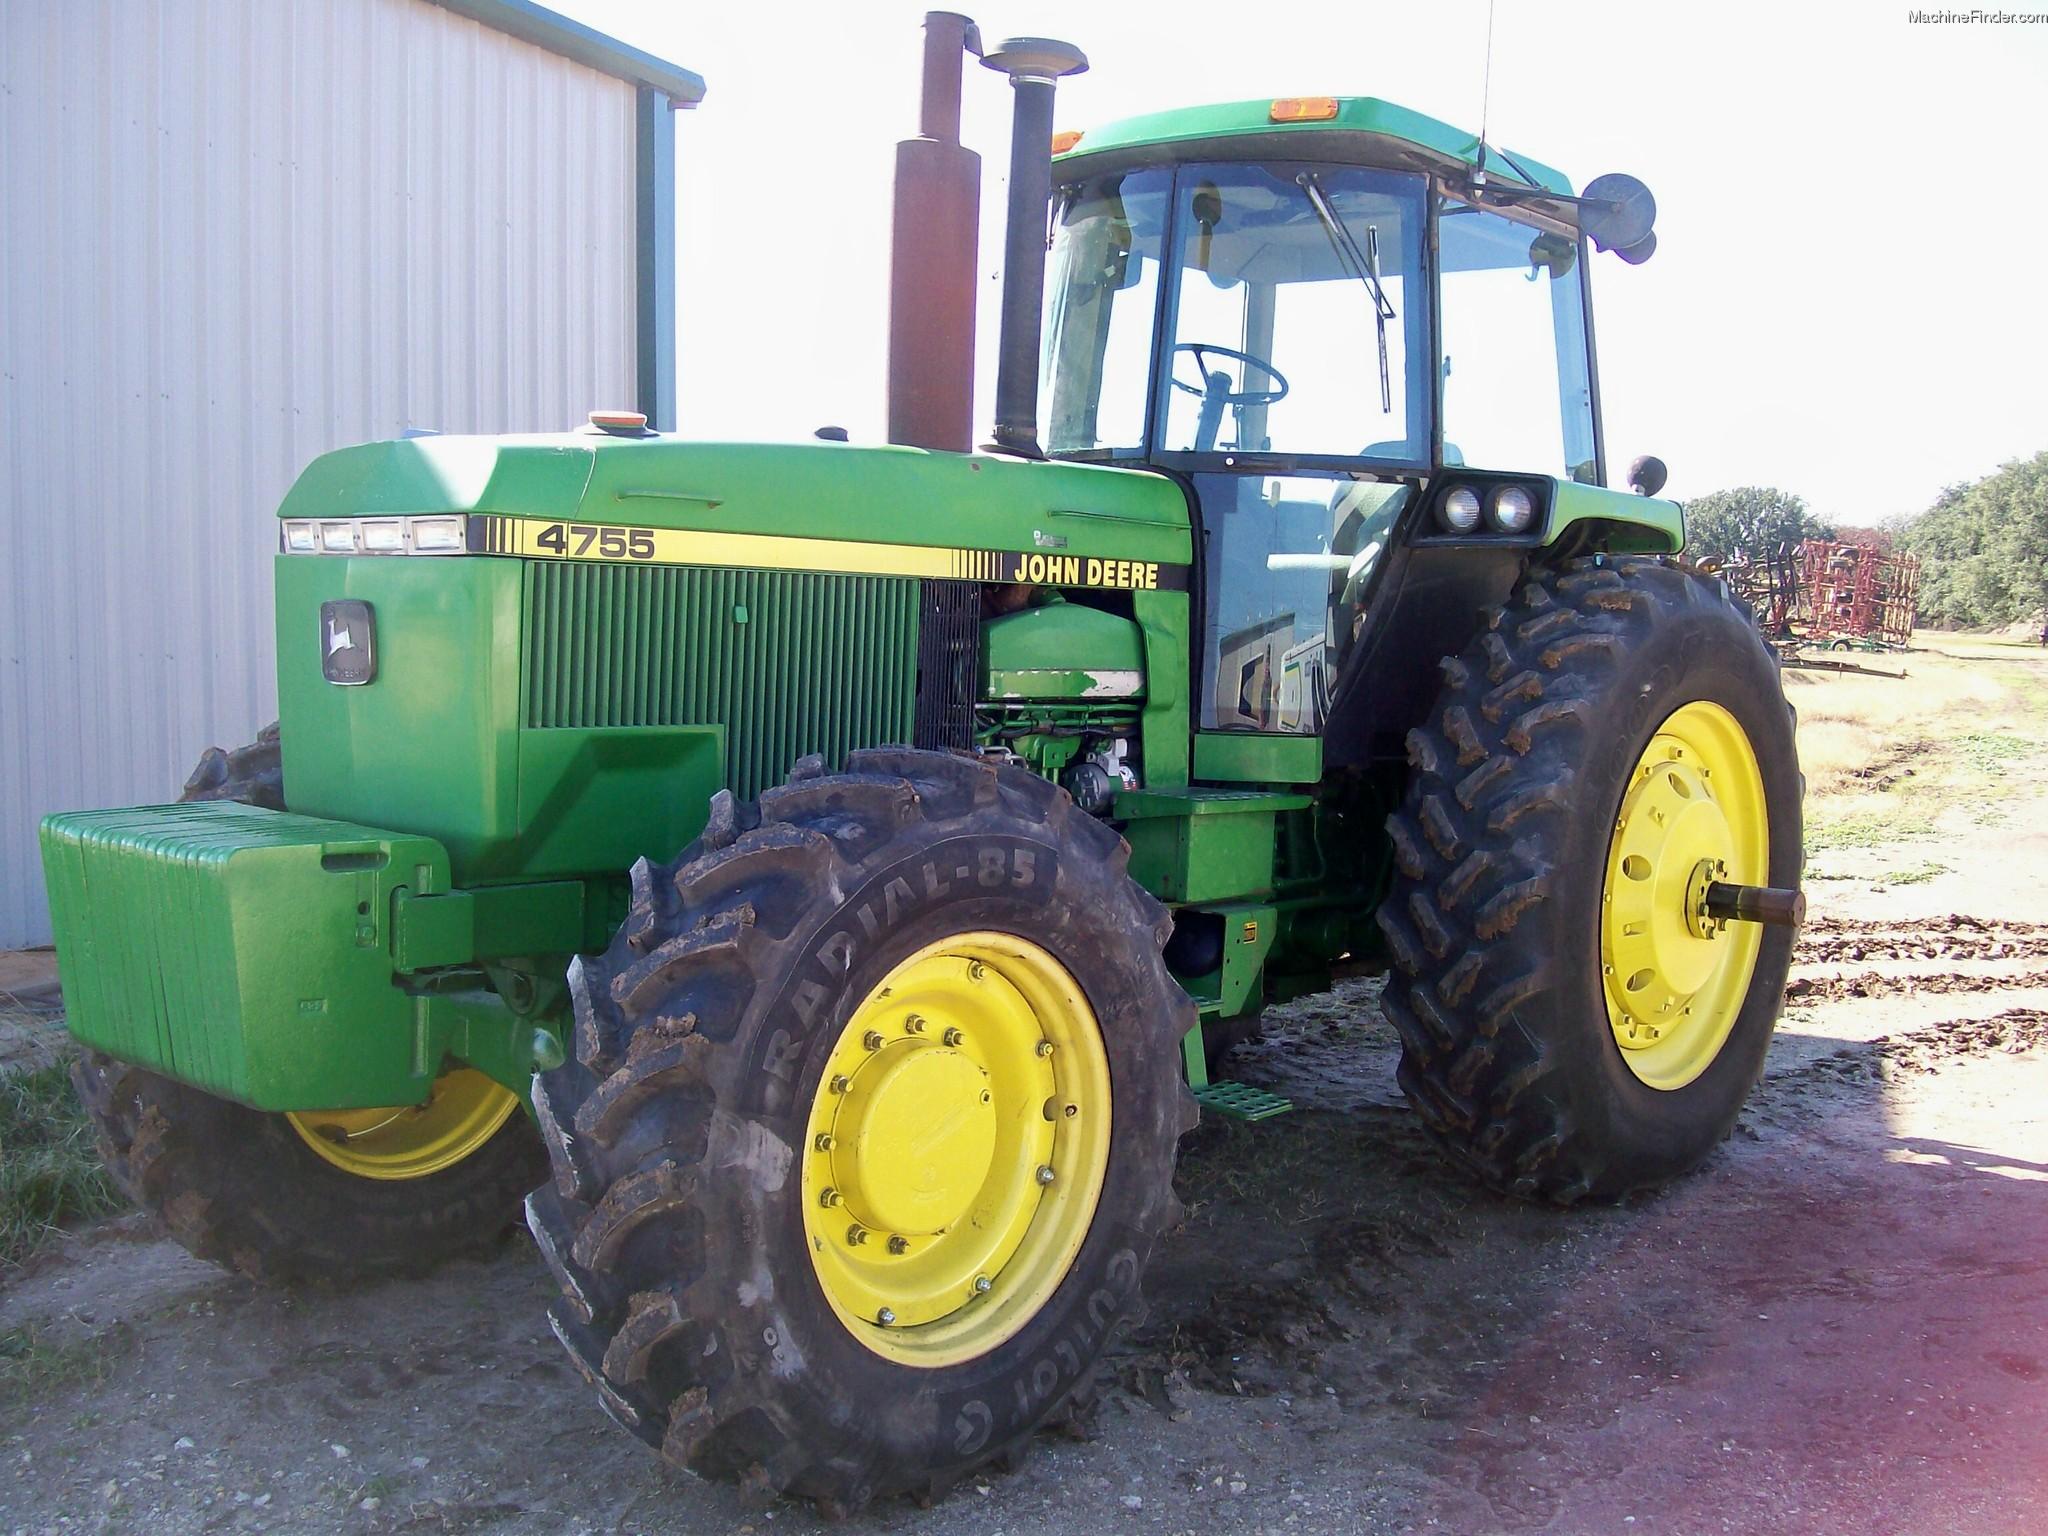 1989 John Deere 4755 Tractors - Row Crop (+100hp) - John ...